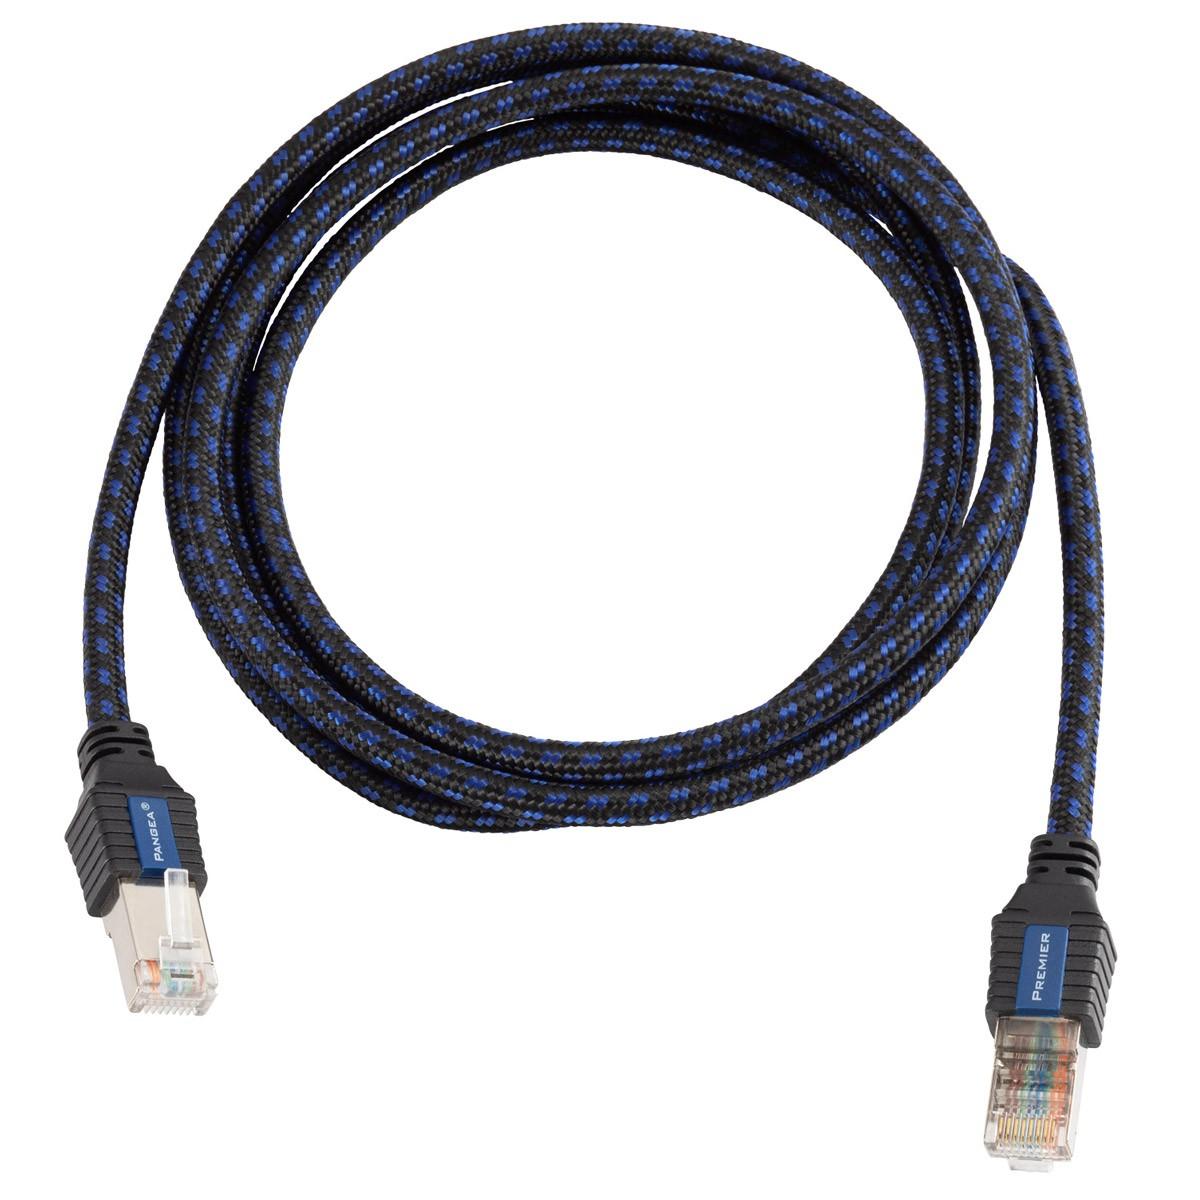 PANGEA PREMIER Cat7 RJ45 Ethernet Cable Silver Plated Copper Triple Shielding 0.129mm² 5m